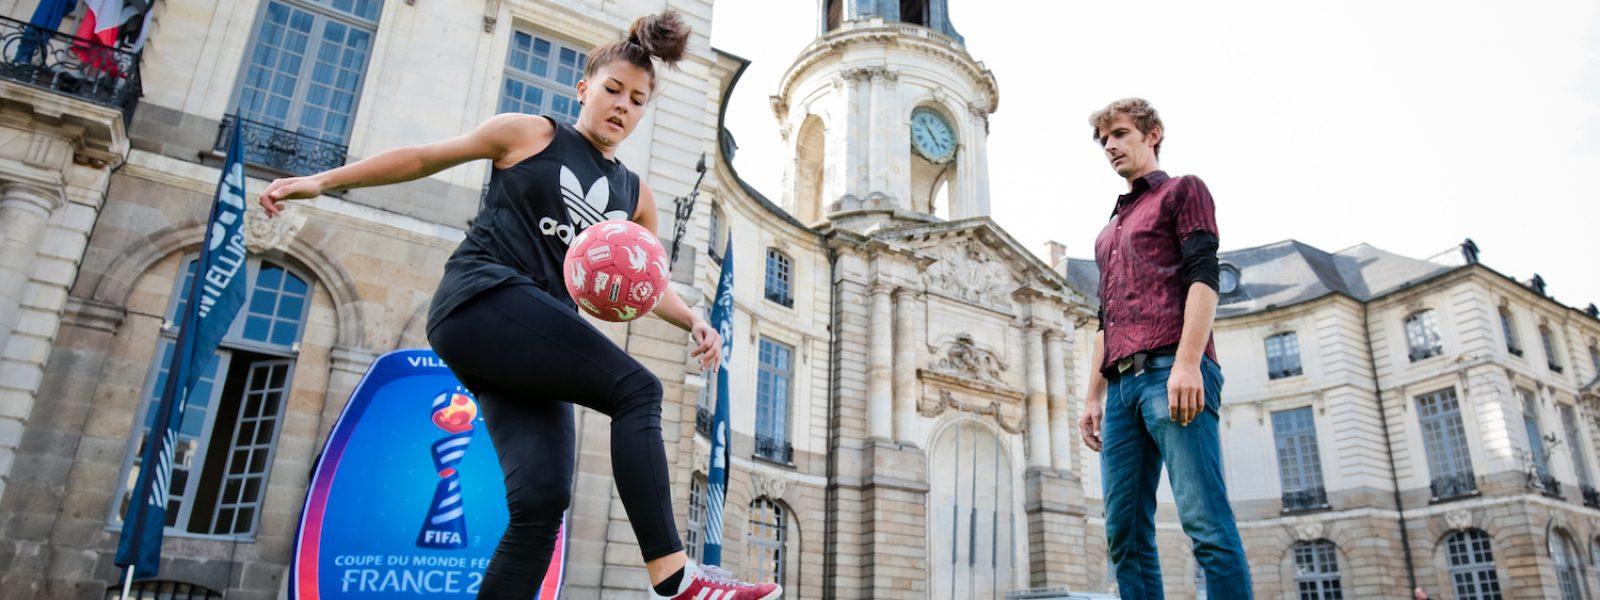 Conférence de presse à l'hôtel de ville pour le lancement de la coupe du monde de football féminin 2019 à Rennes.